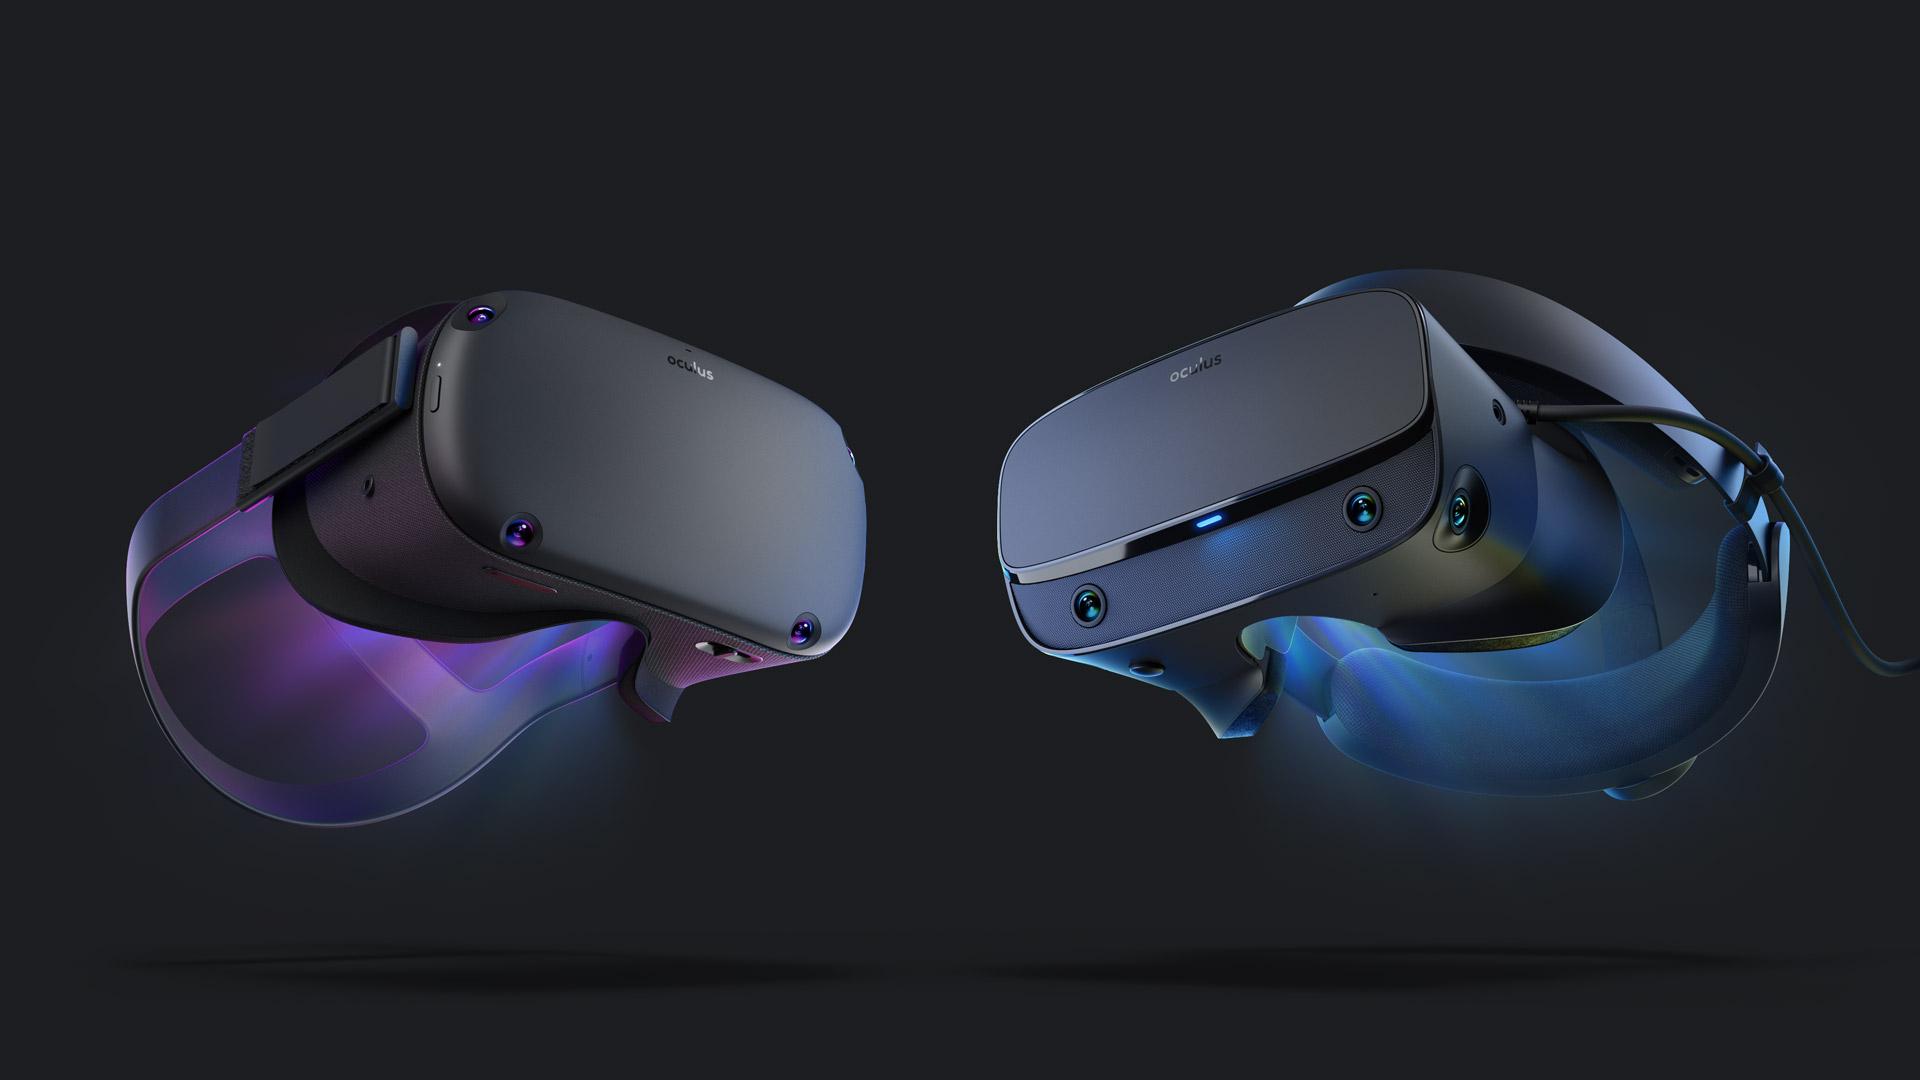 Oculus rift s vs Quest